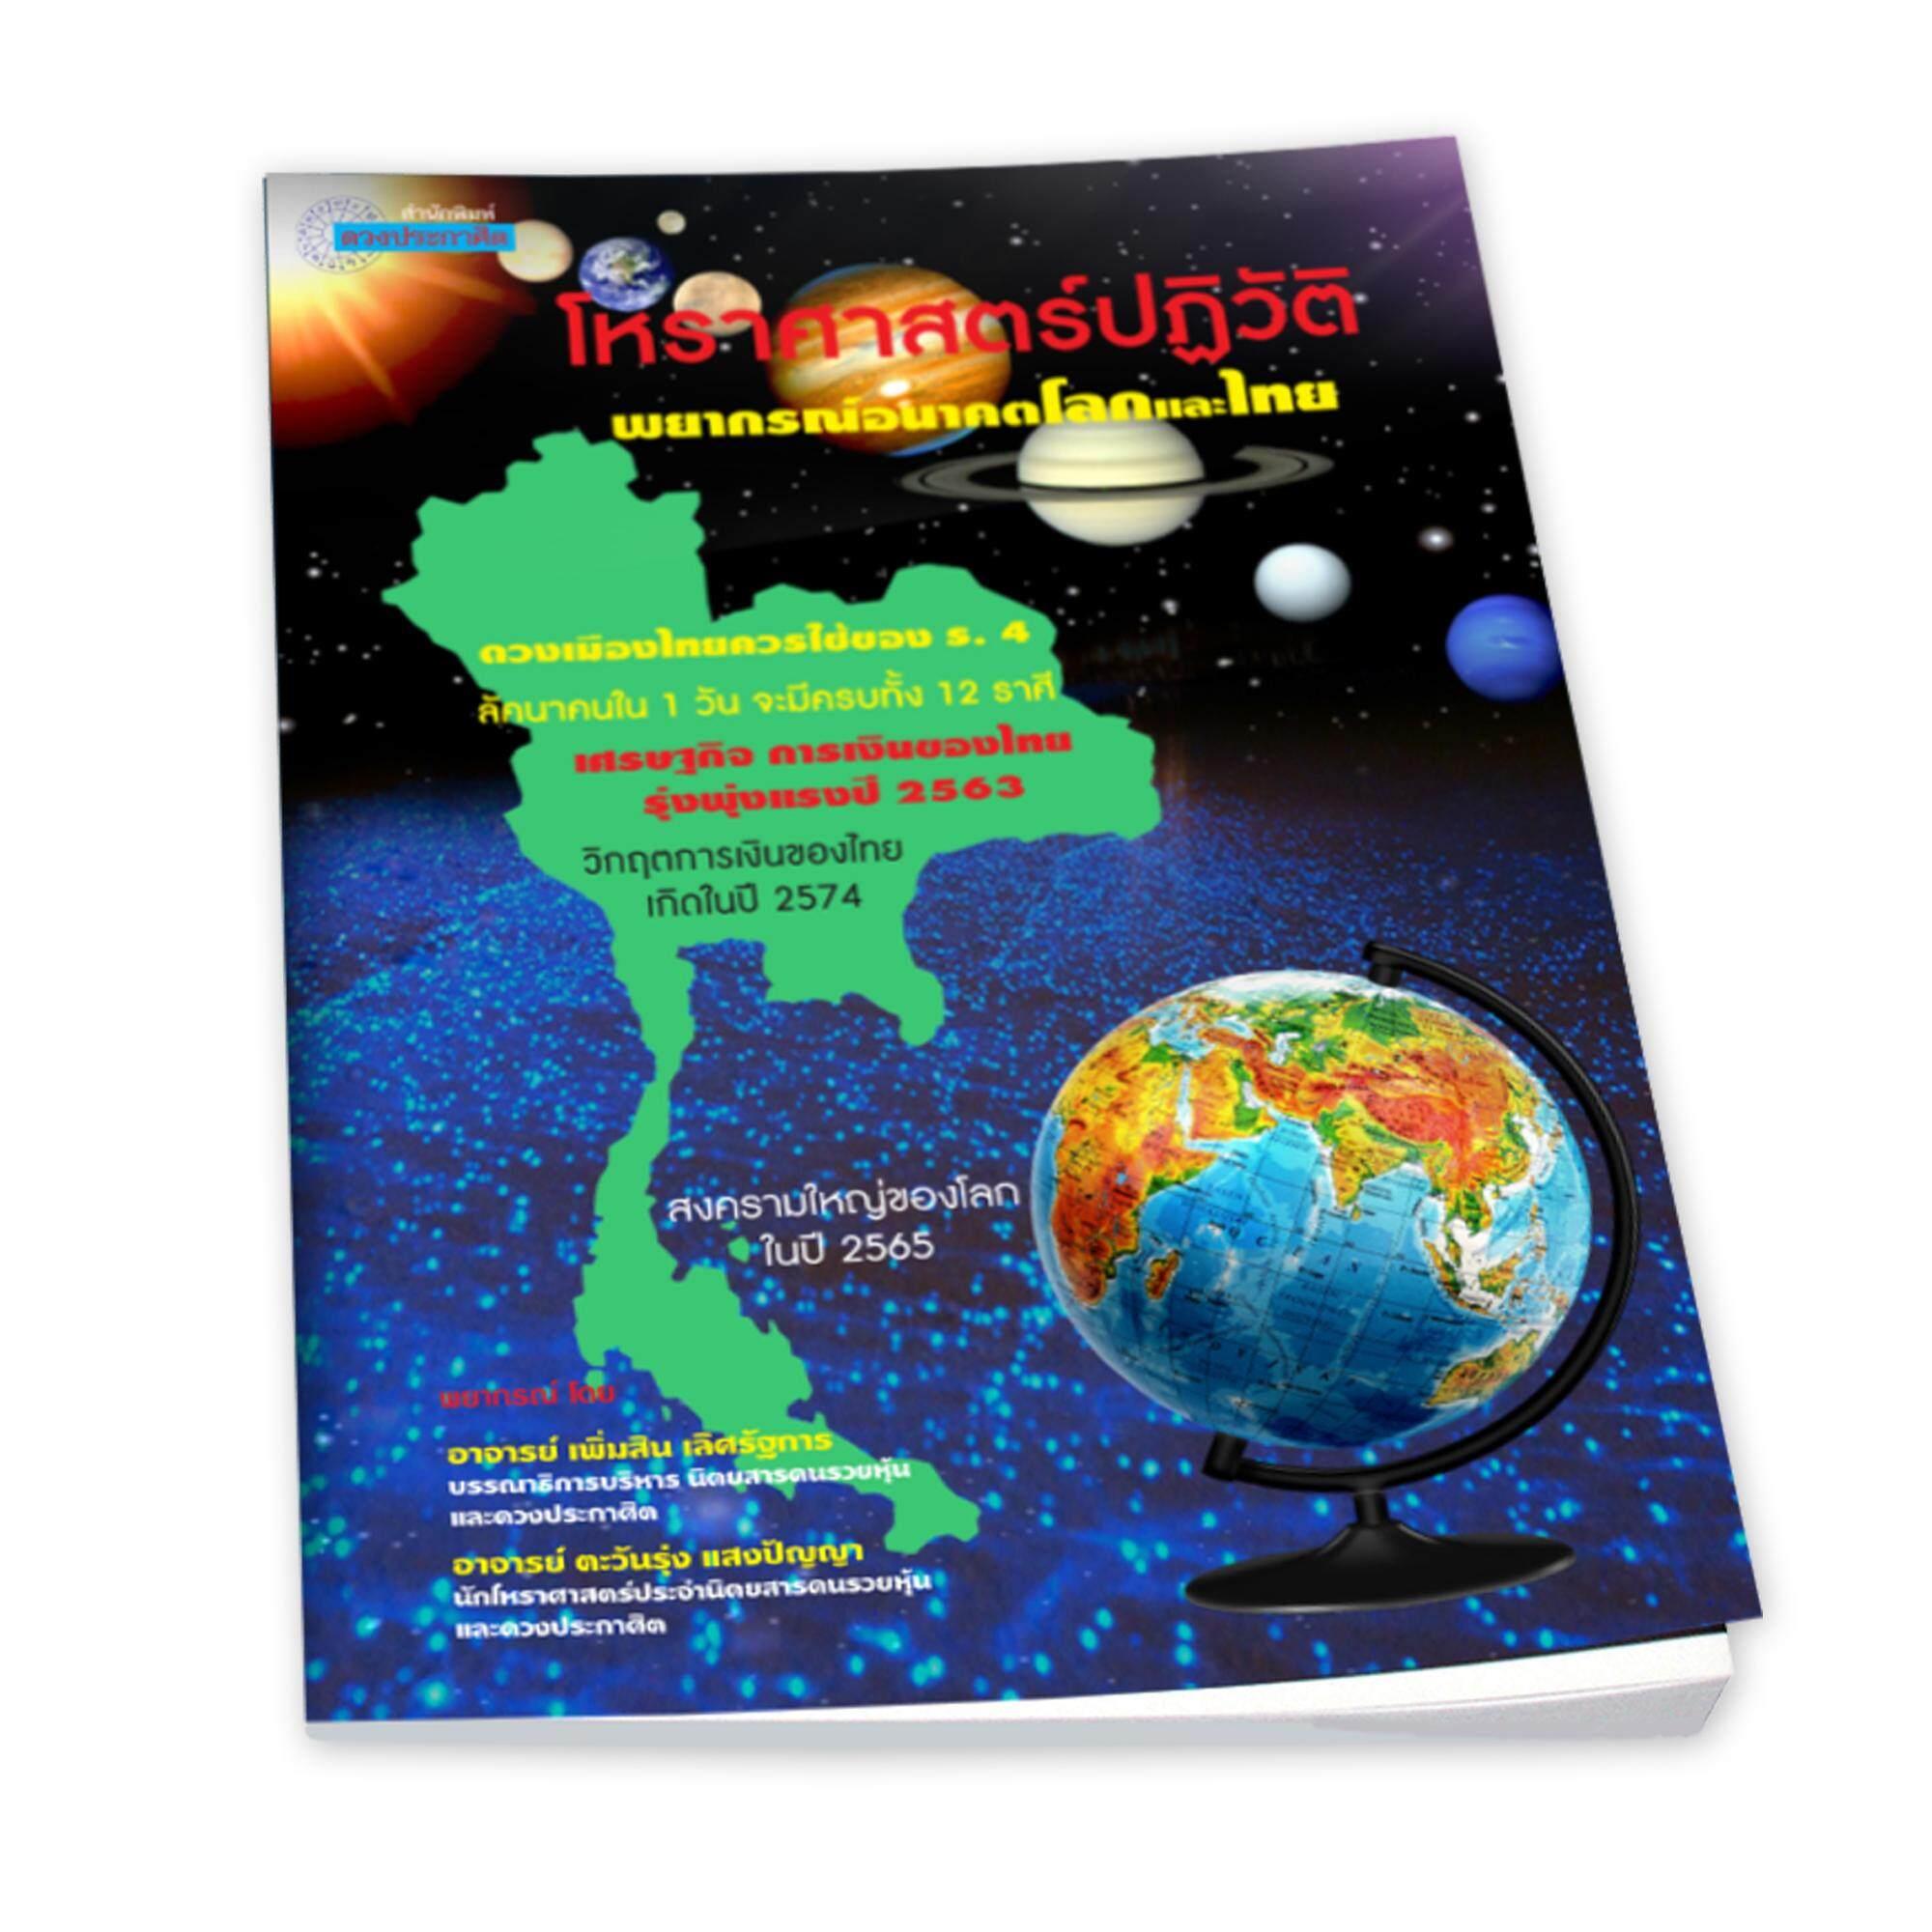 หนังสือ-โหราศาสตร์ปฏิวัติ By Cordial Delight.